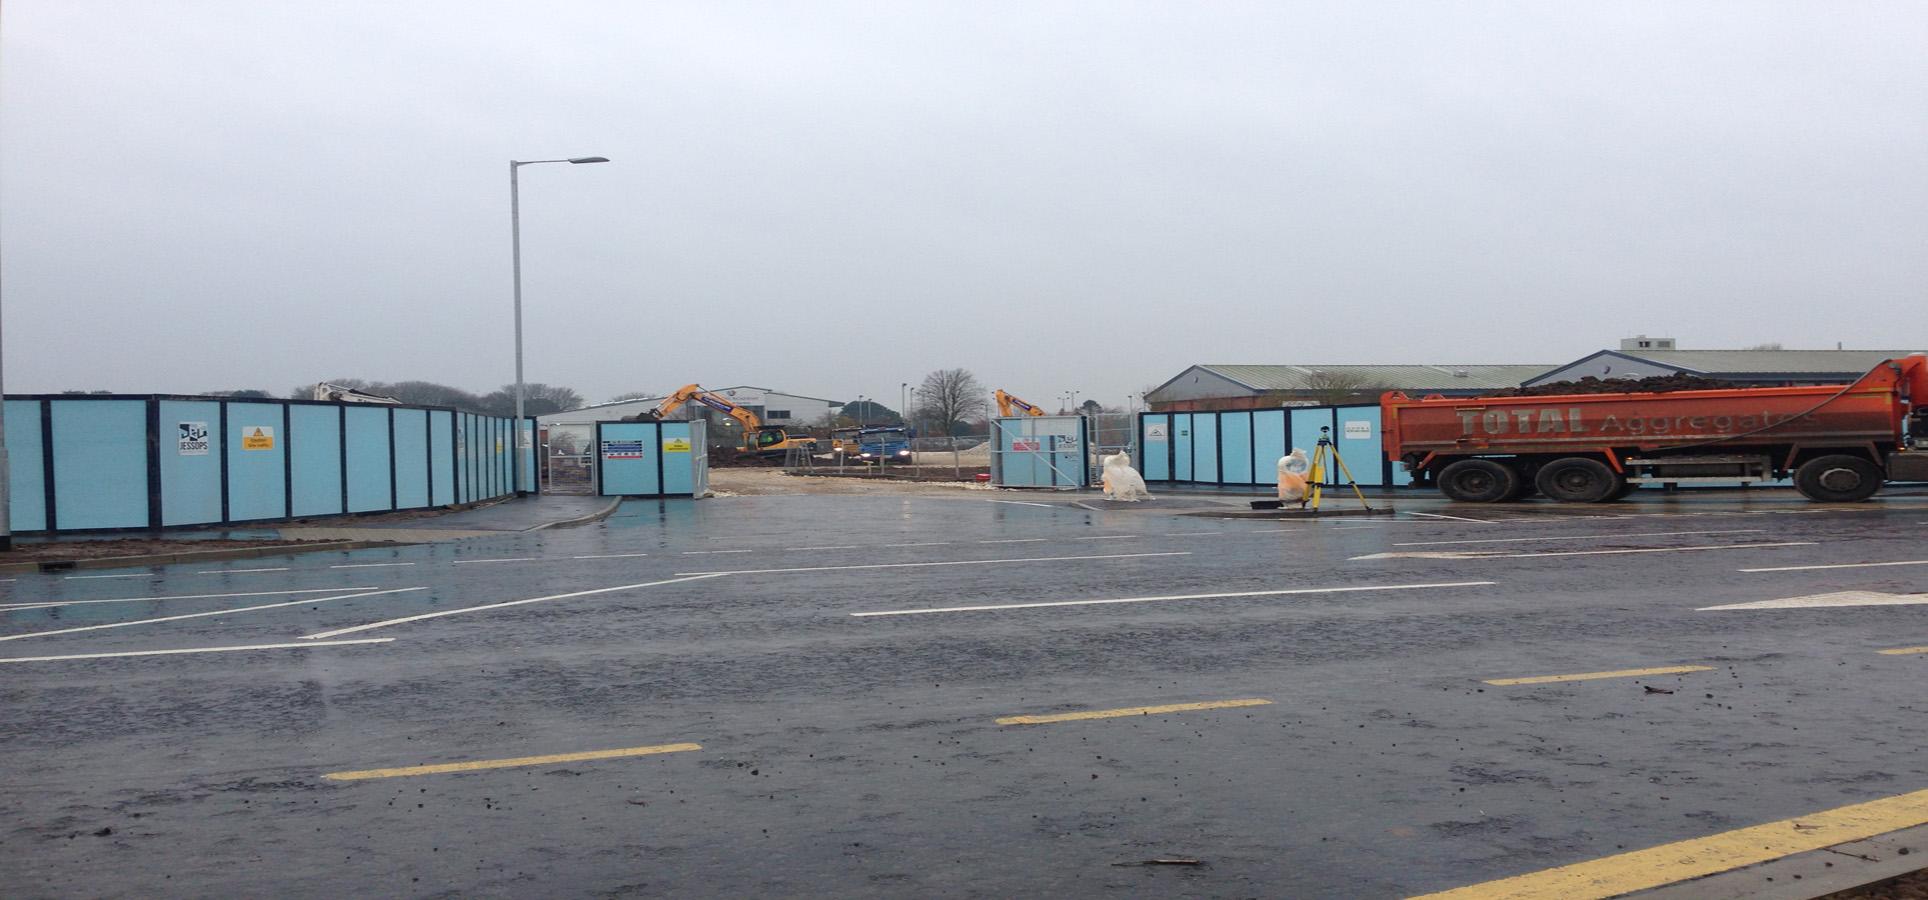 Jessops Secures Burgh Road , Jessops Construction Ltd